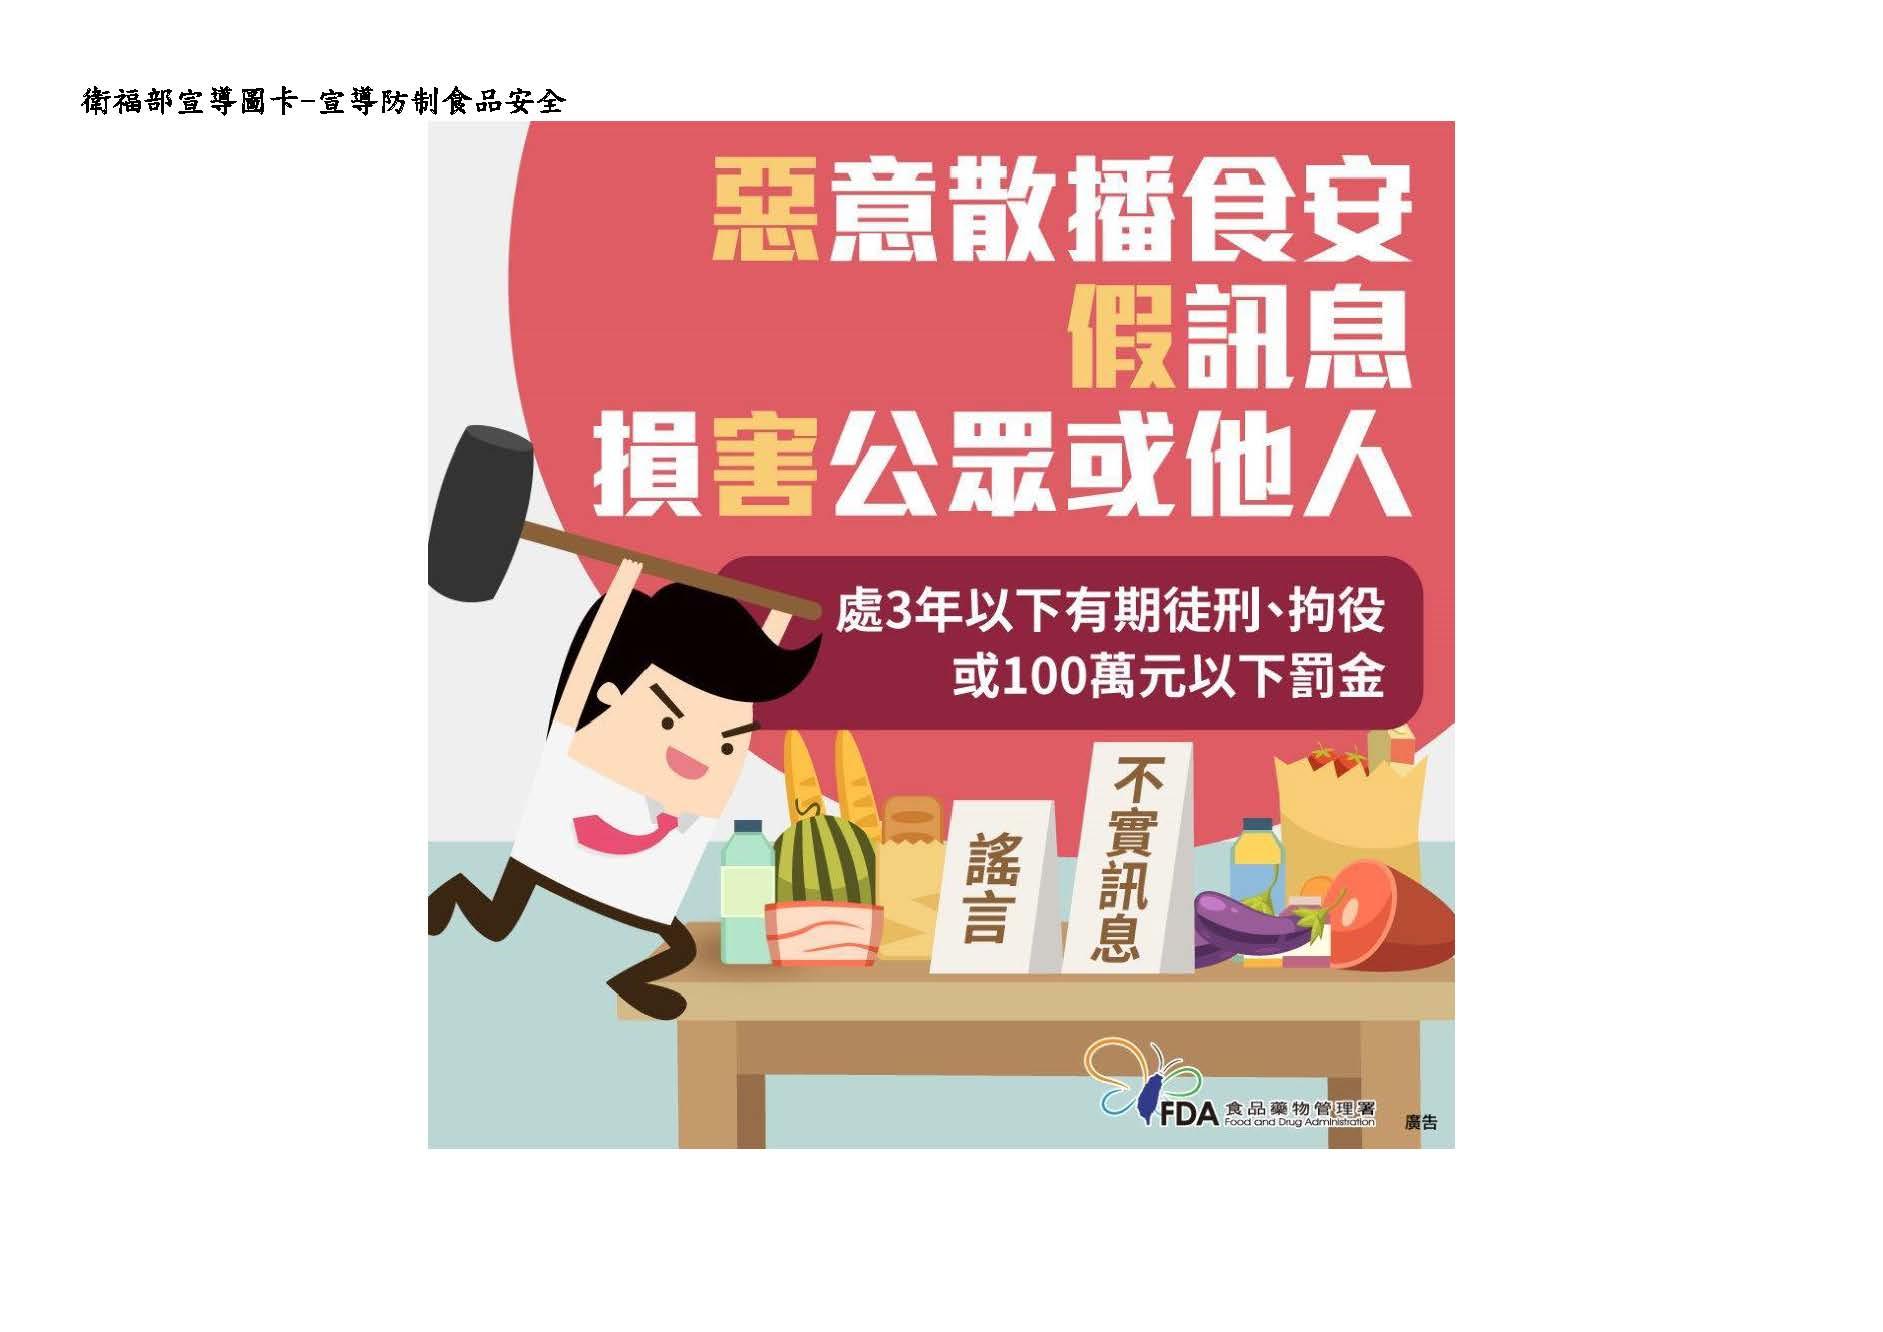 衛福部宣導圖卡 -宣導防制食品安全 .jpg